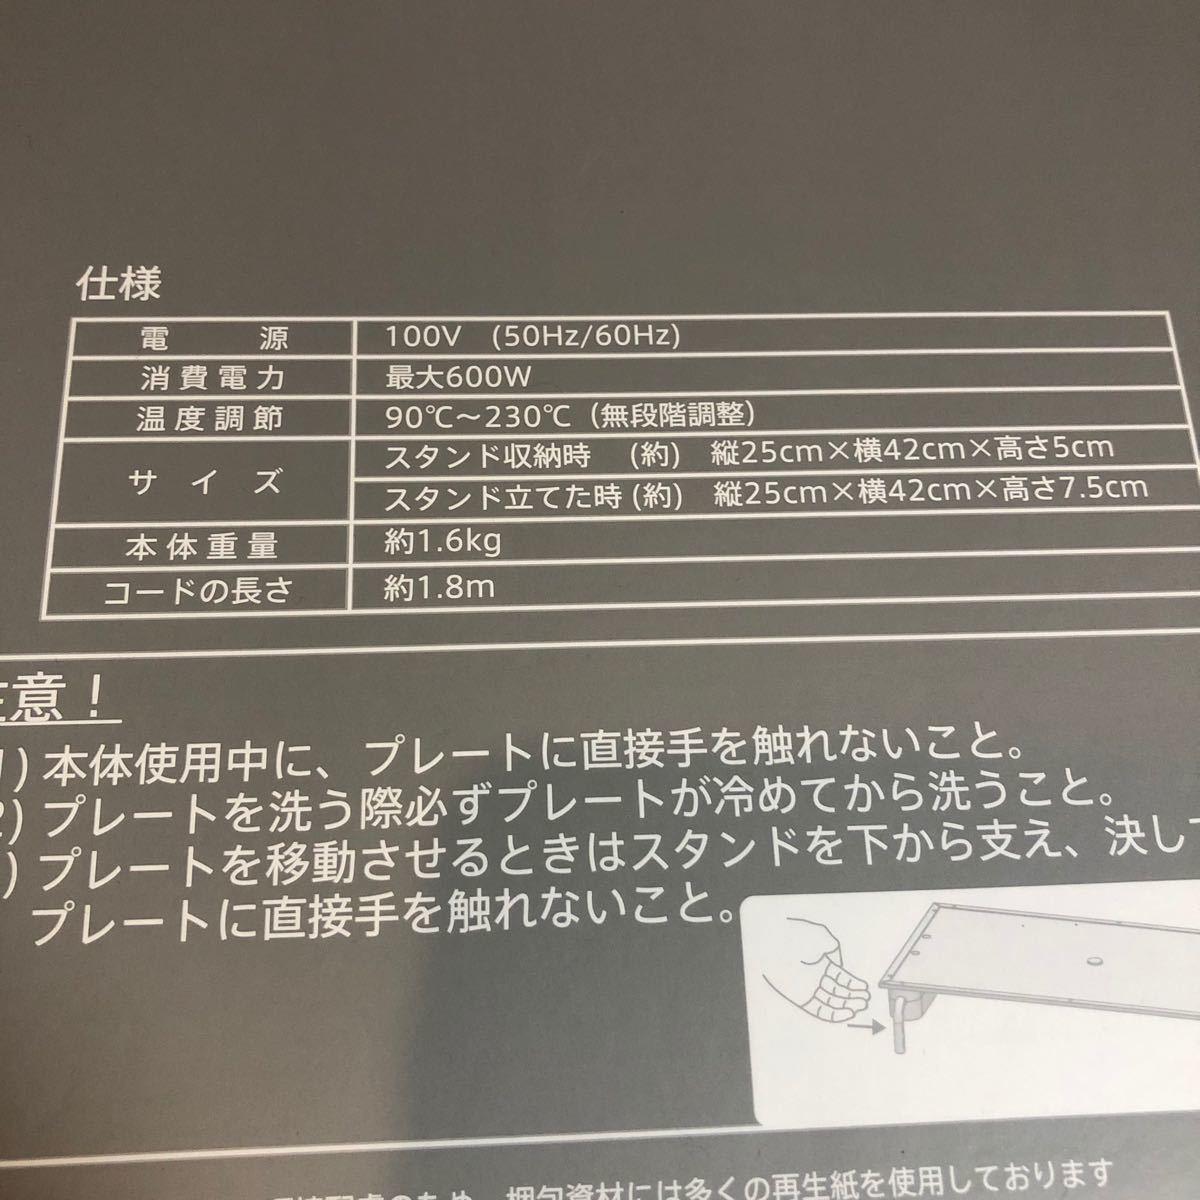 【日本製】アビエン スマートプレート ライト(マジックグリル・ホットプレート)